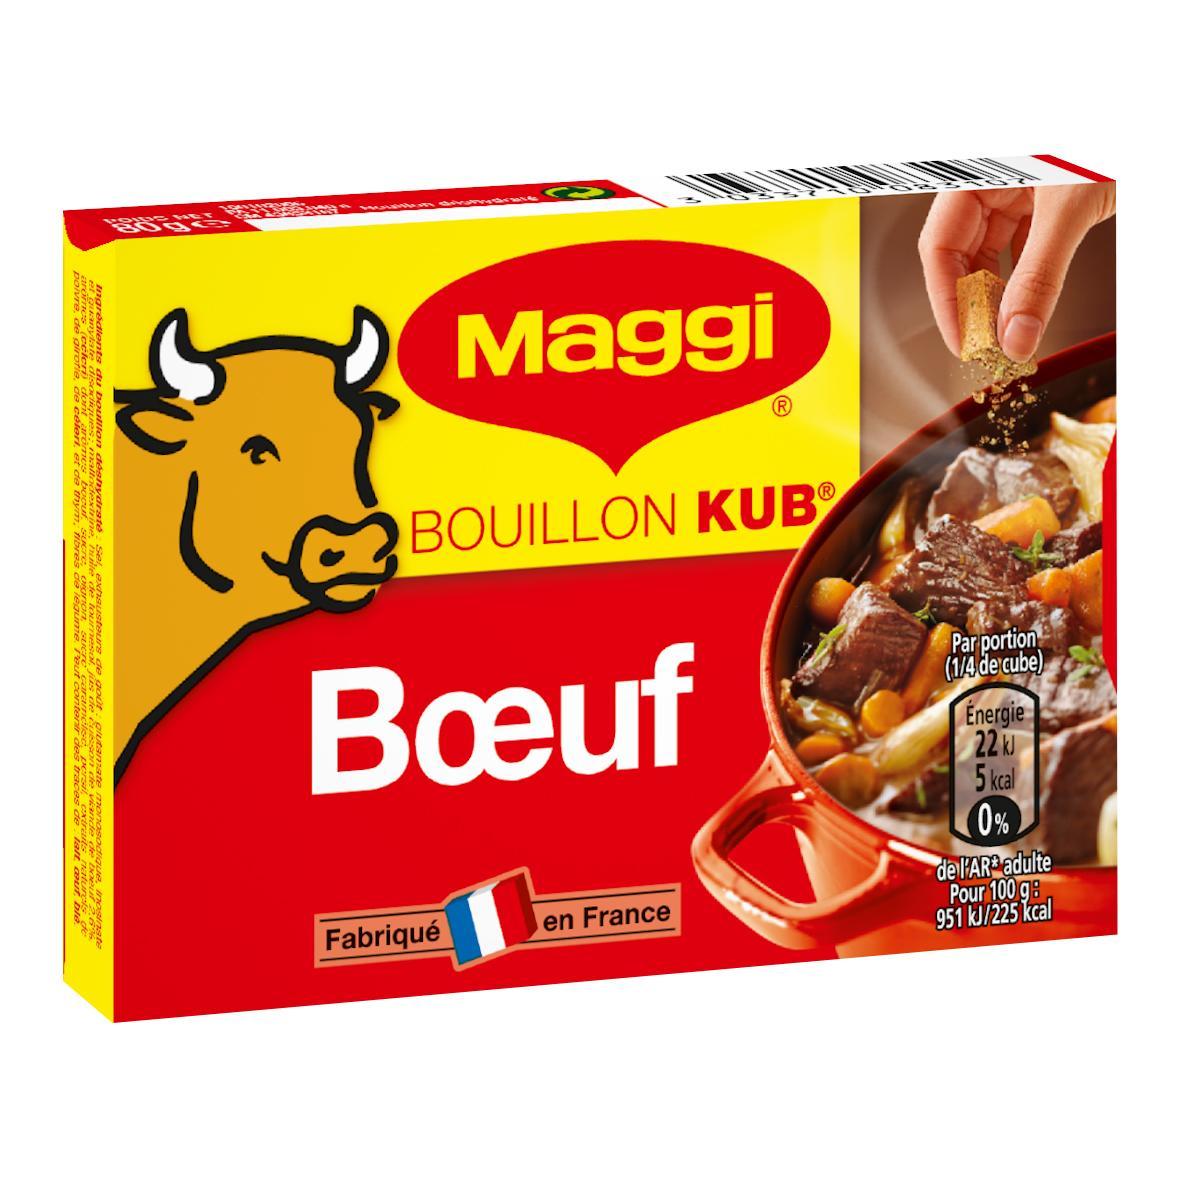 Boite de 18 tablettes de Bouillon Kub Maggi (Variétés au choix) - 180g (Via BDR)